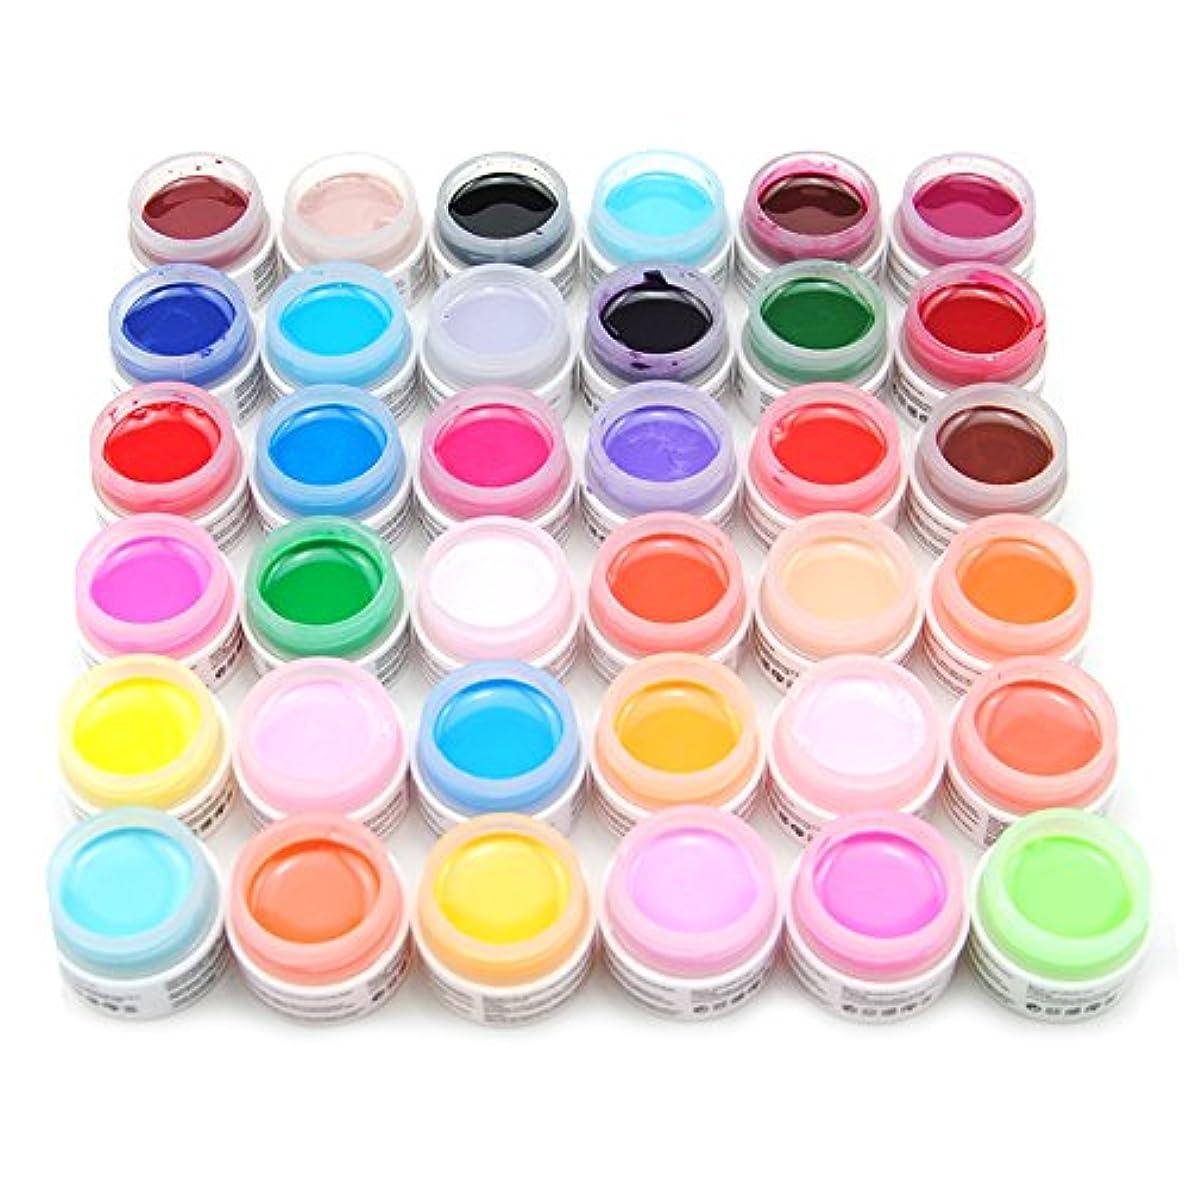 先見の明報酬の補うユニークモール(UniqueMall)ジェルネイルのセット 36色 純粋ネイルネイルカラーUVジェルレジン ネイルアート ネイルサロン 色々カラーネイルデコ人気セット